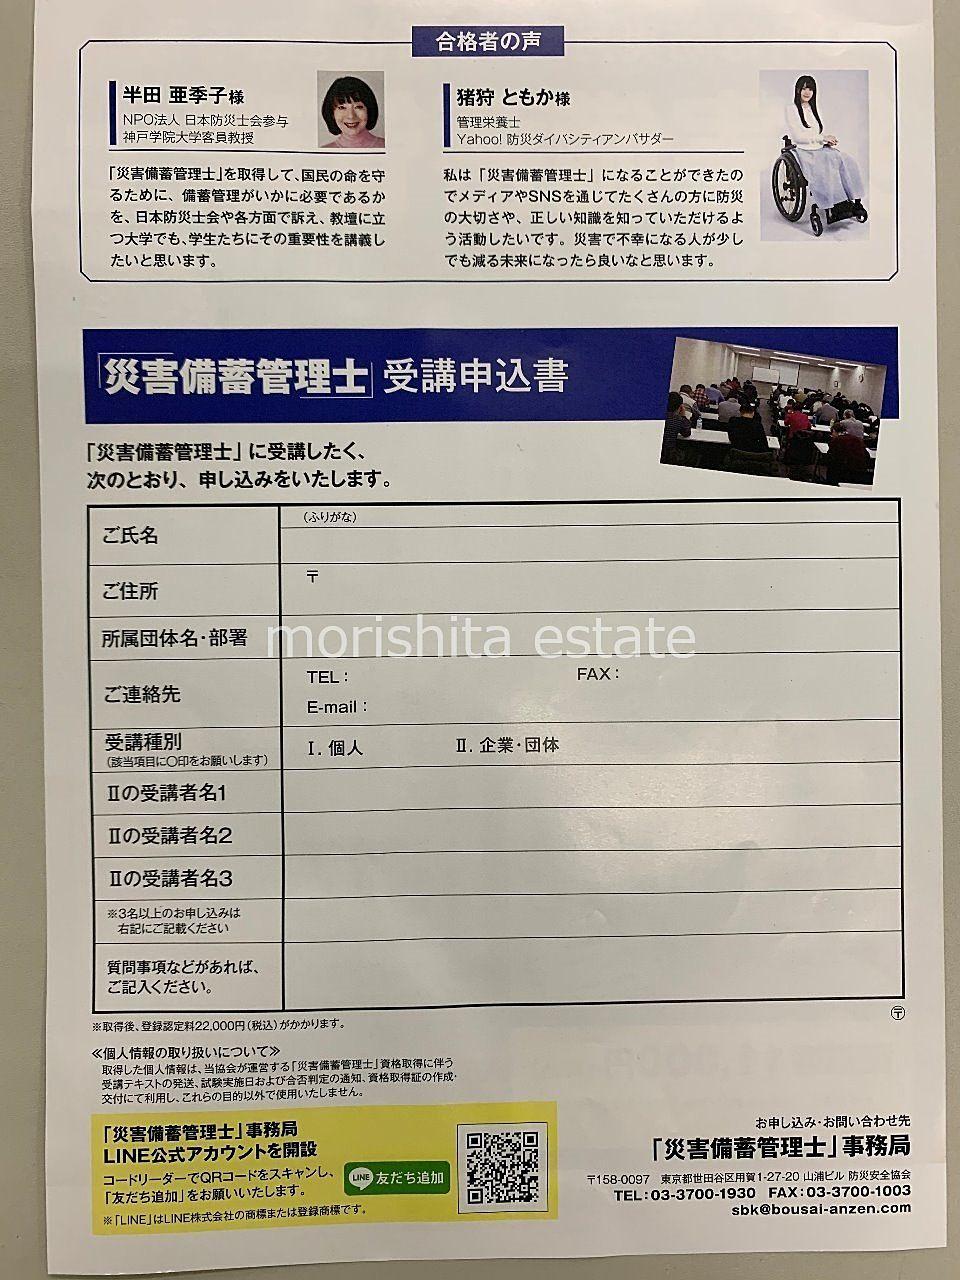 災害備蓄管理士 オンライン受講 WEB試験 資格 写真